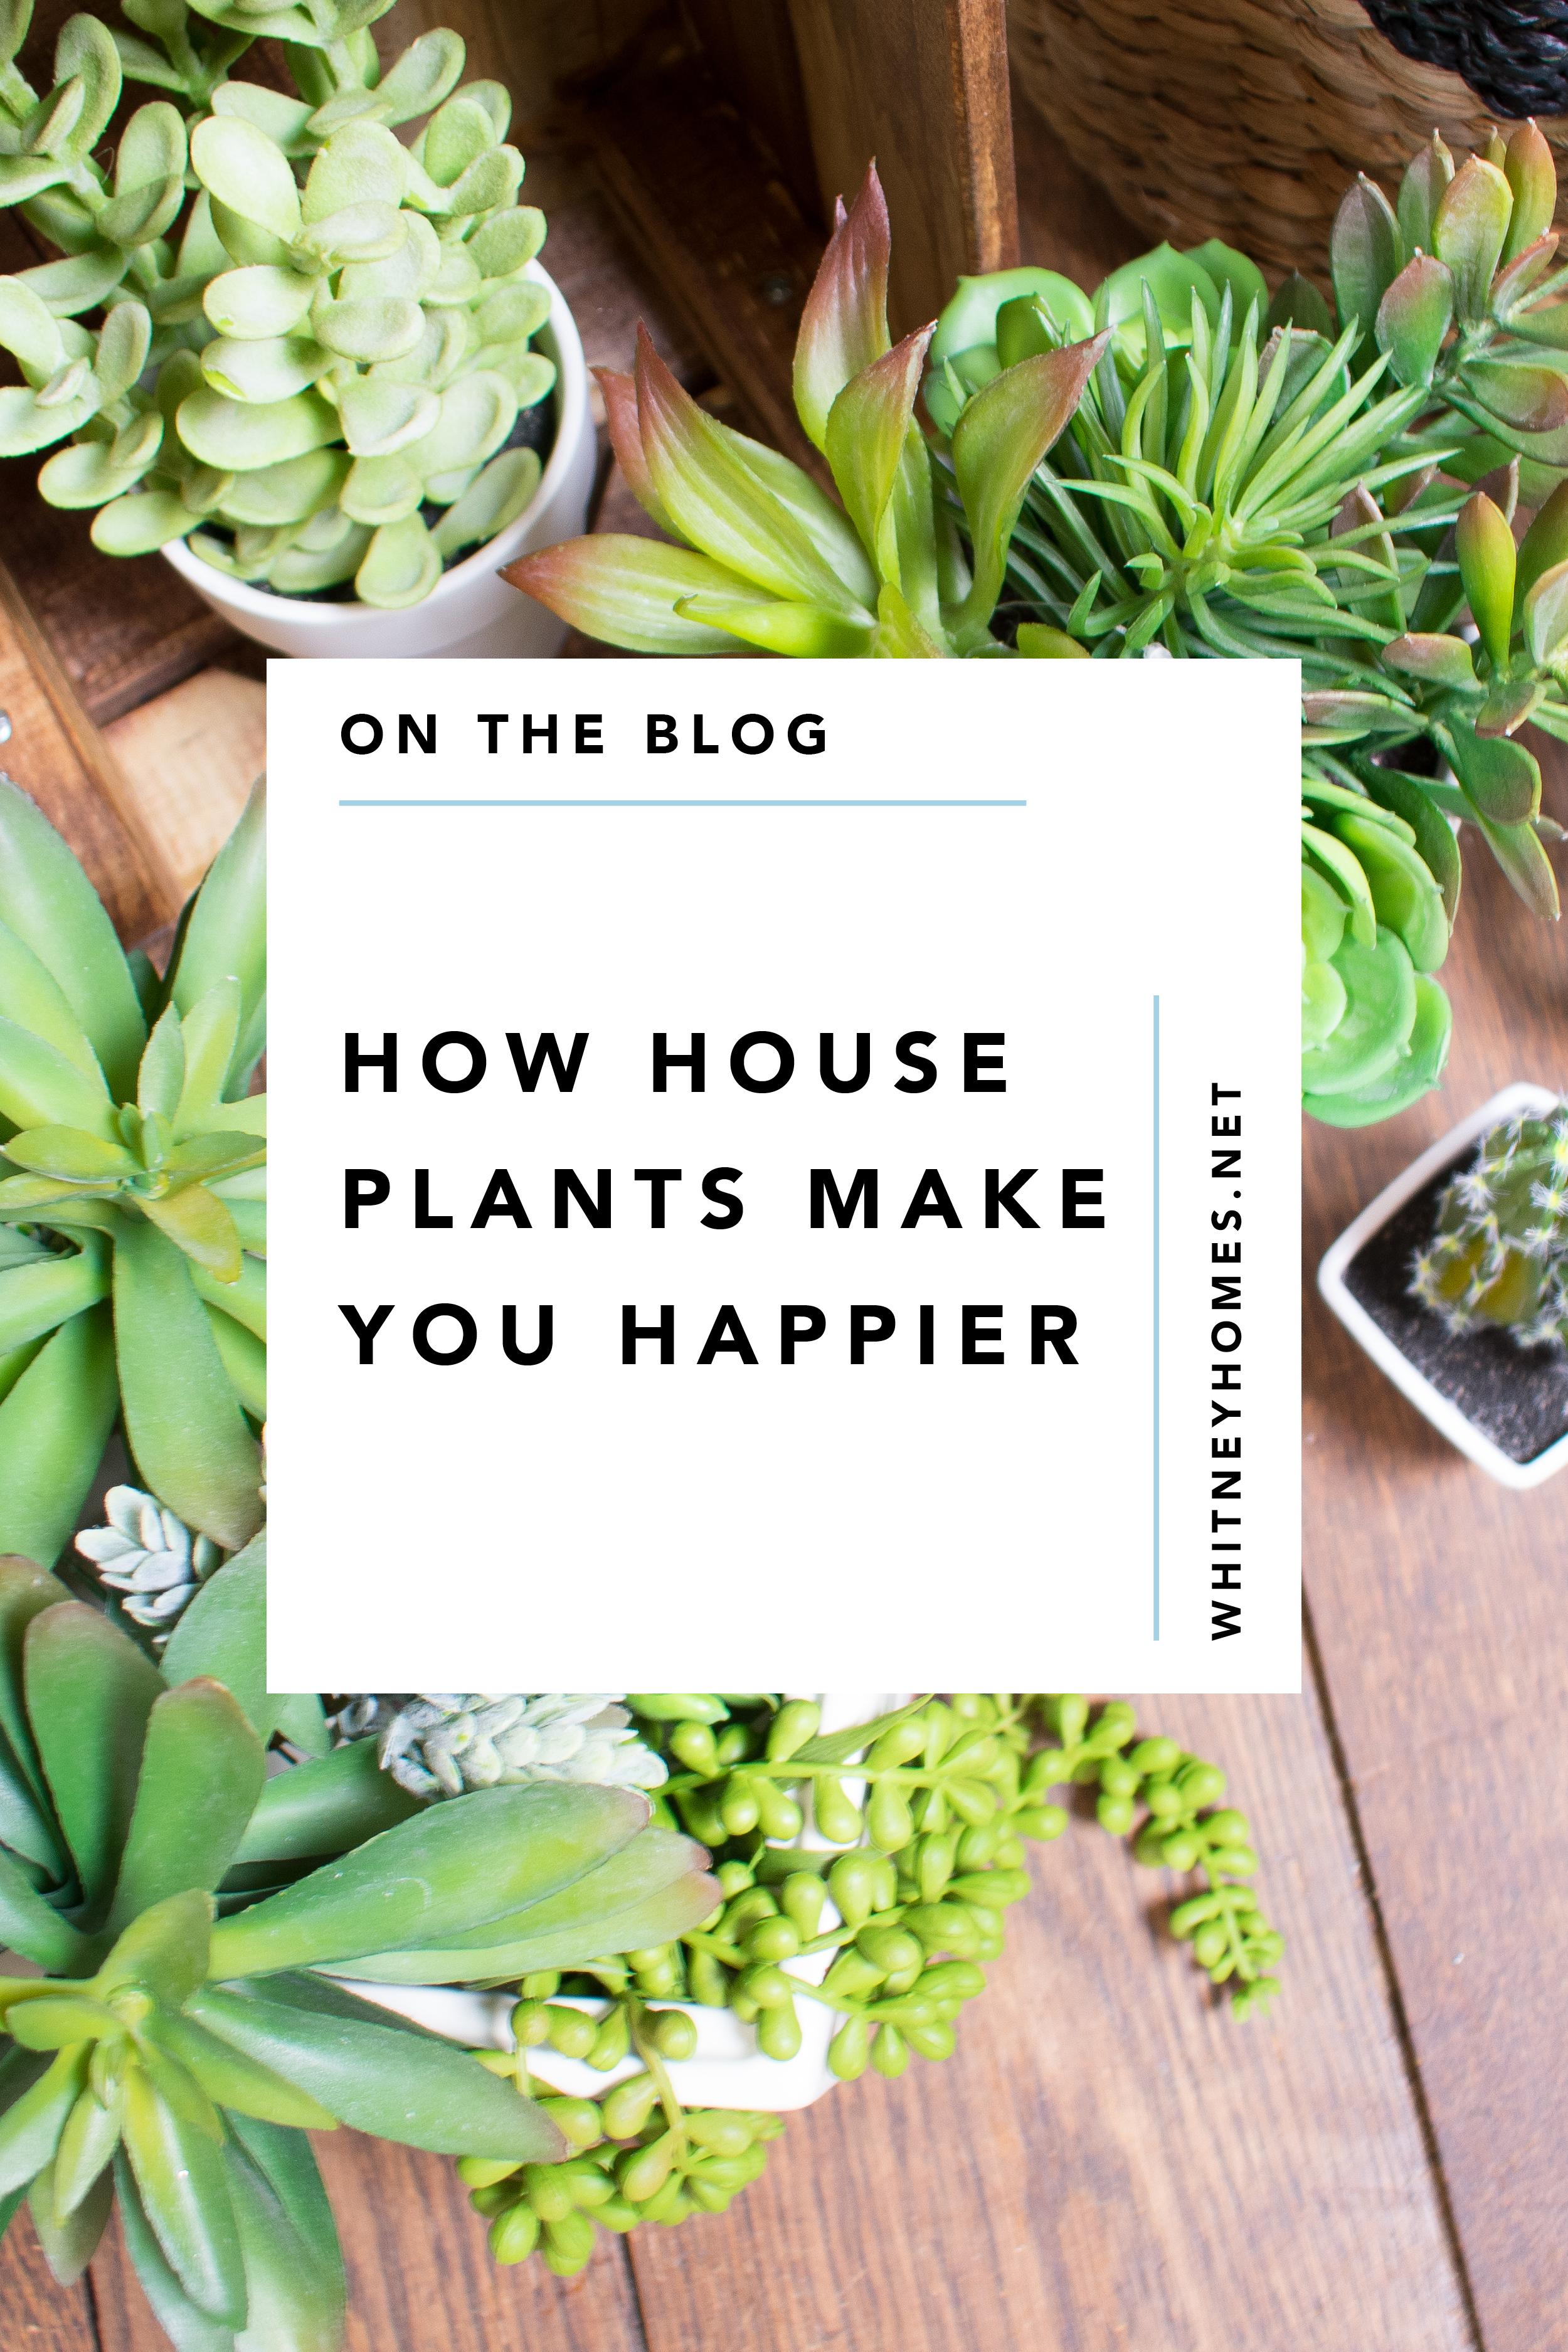 WH_Plants-Happy12.jpg